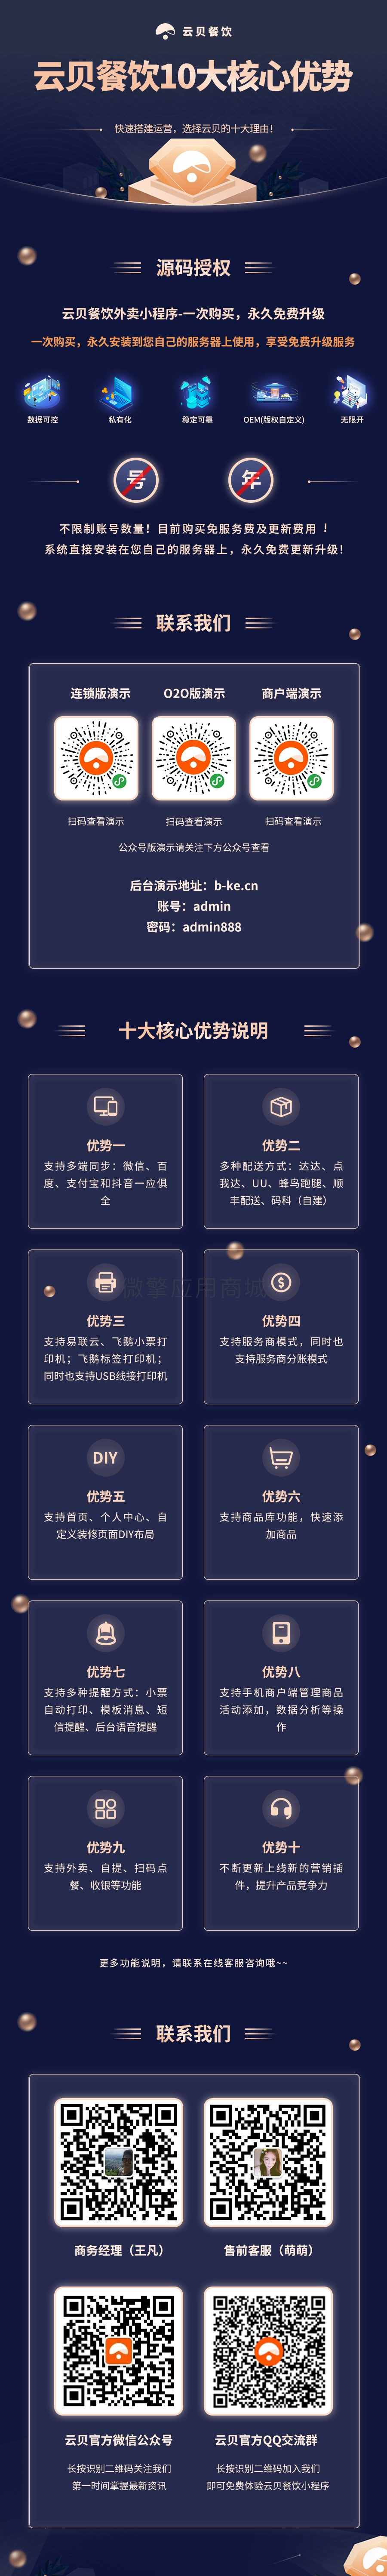 首发云贝餐饮连锁版V1.7.6全插件+商家端1.1.4+商用去授权